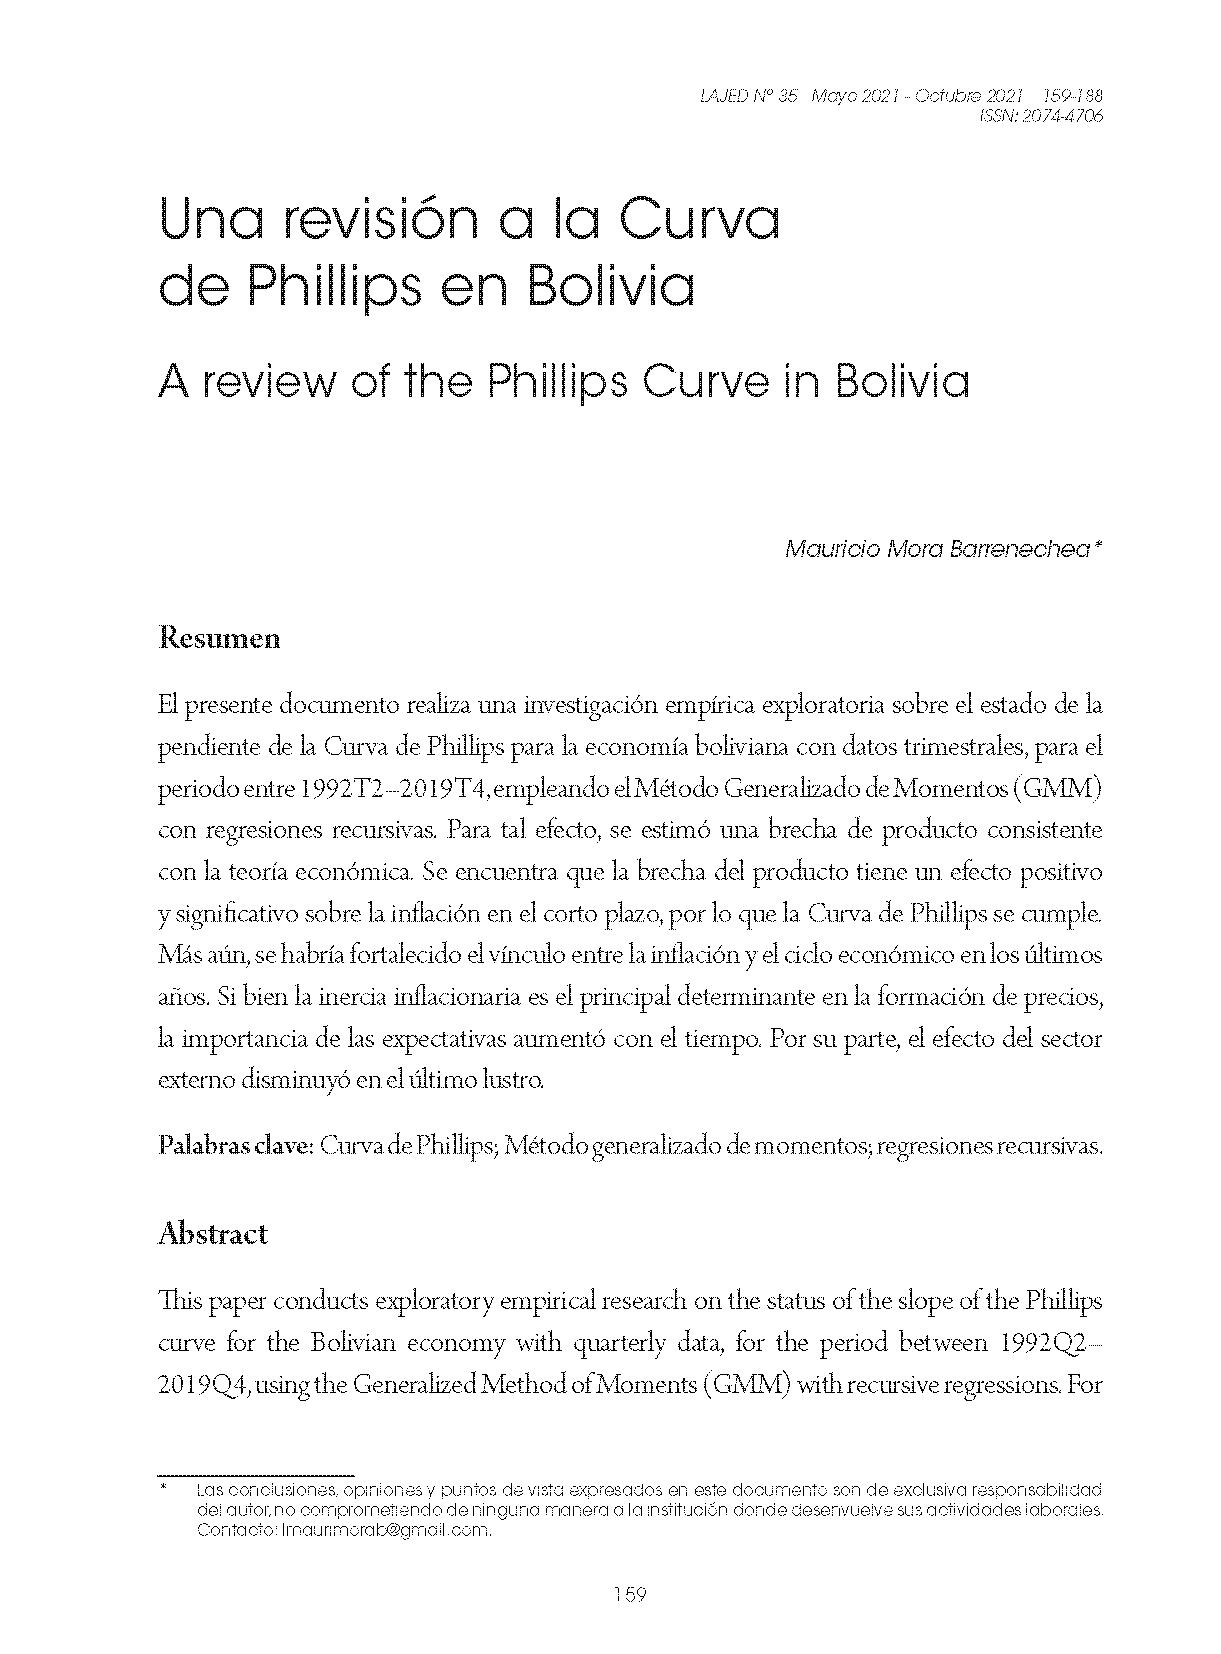 Una revisión a la Curva de Phillips en Bolivia